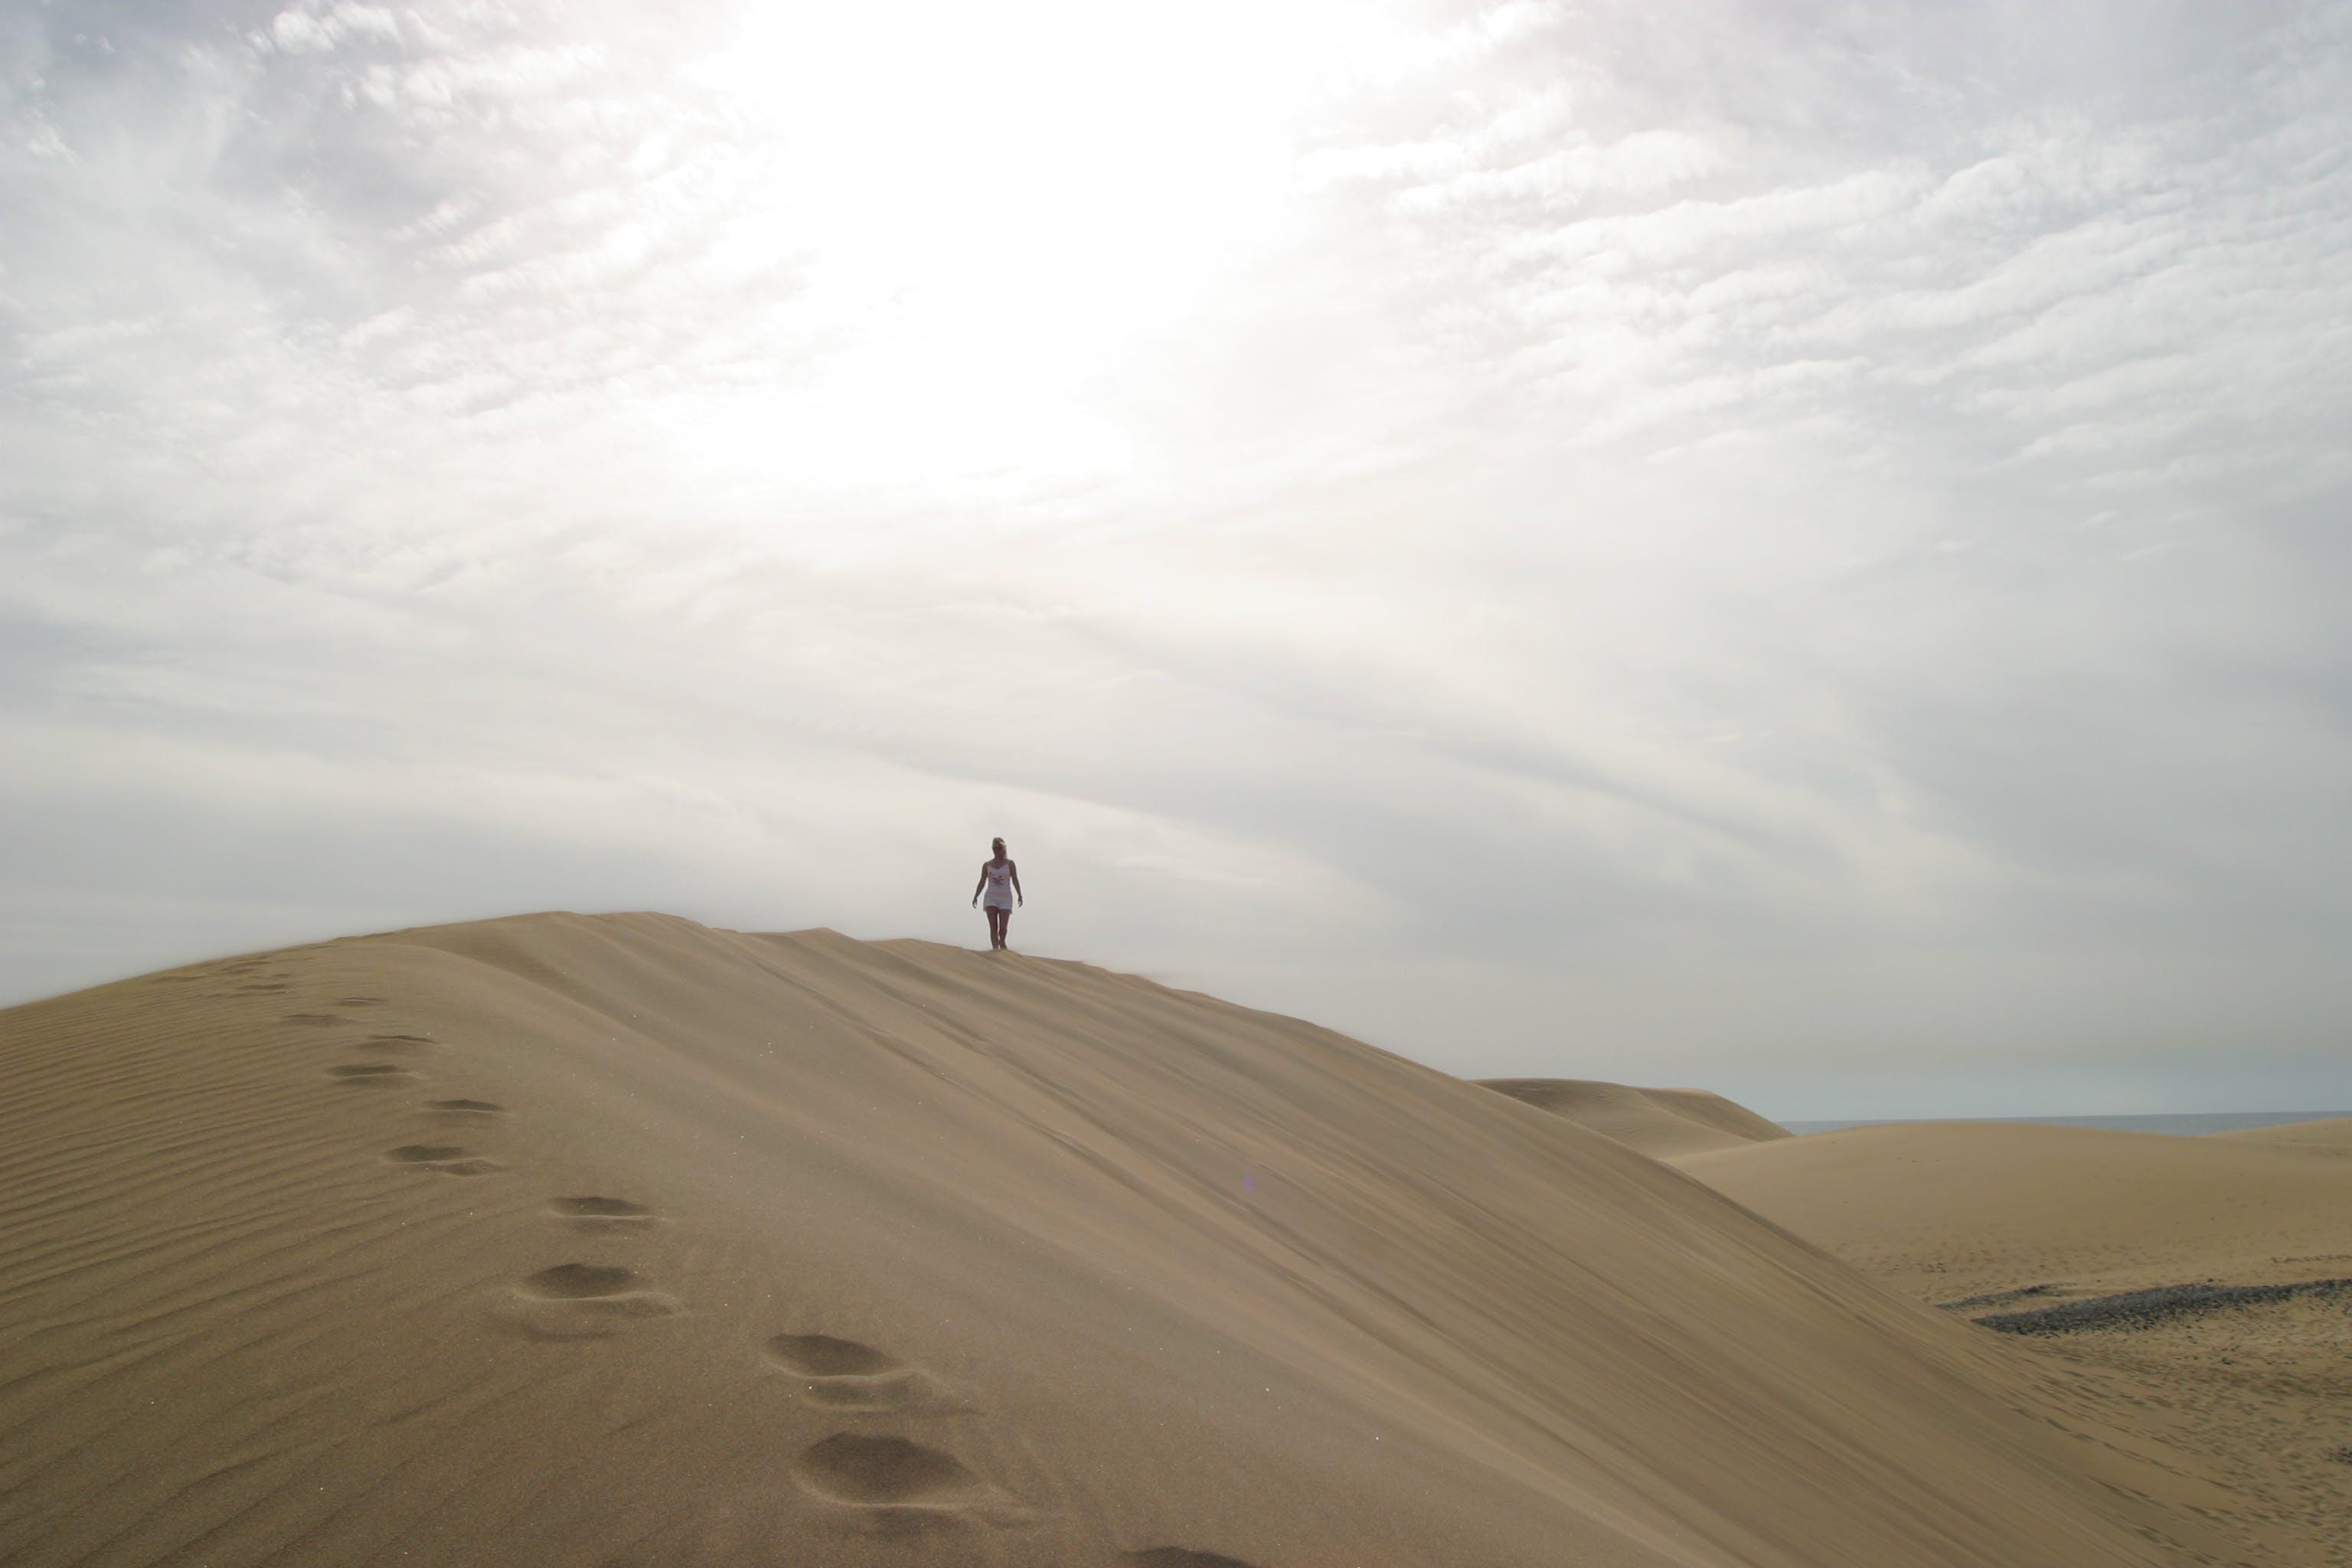 cloud, desert, dry